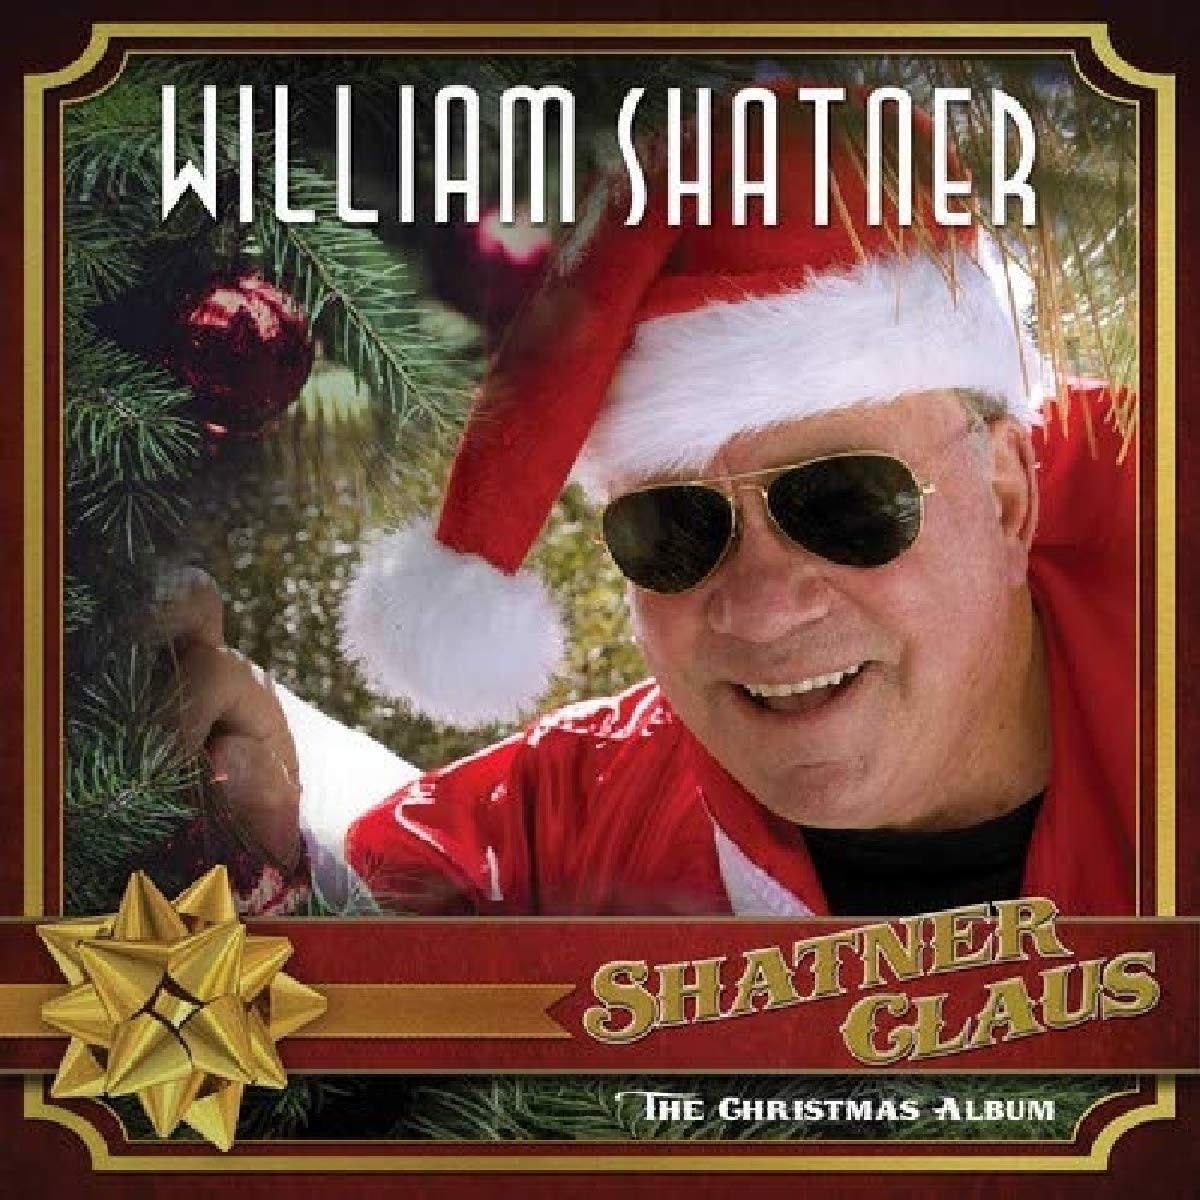 Garth Brooks Christmas Album.Review The William Shatner Christmas Album Shatner Claus Is Just